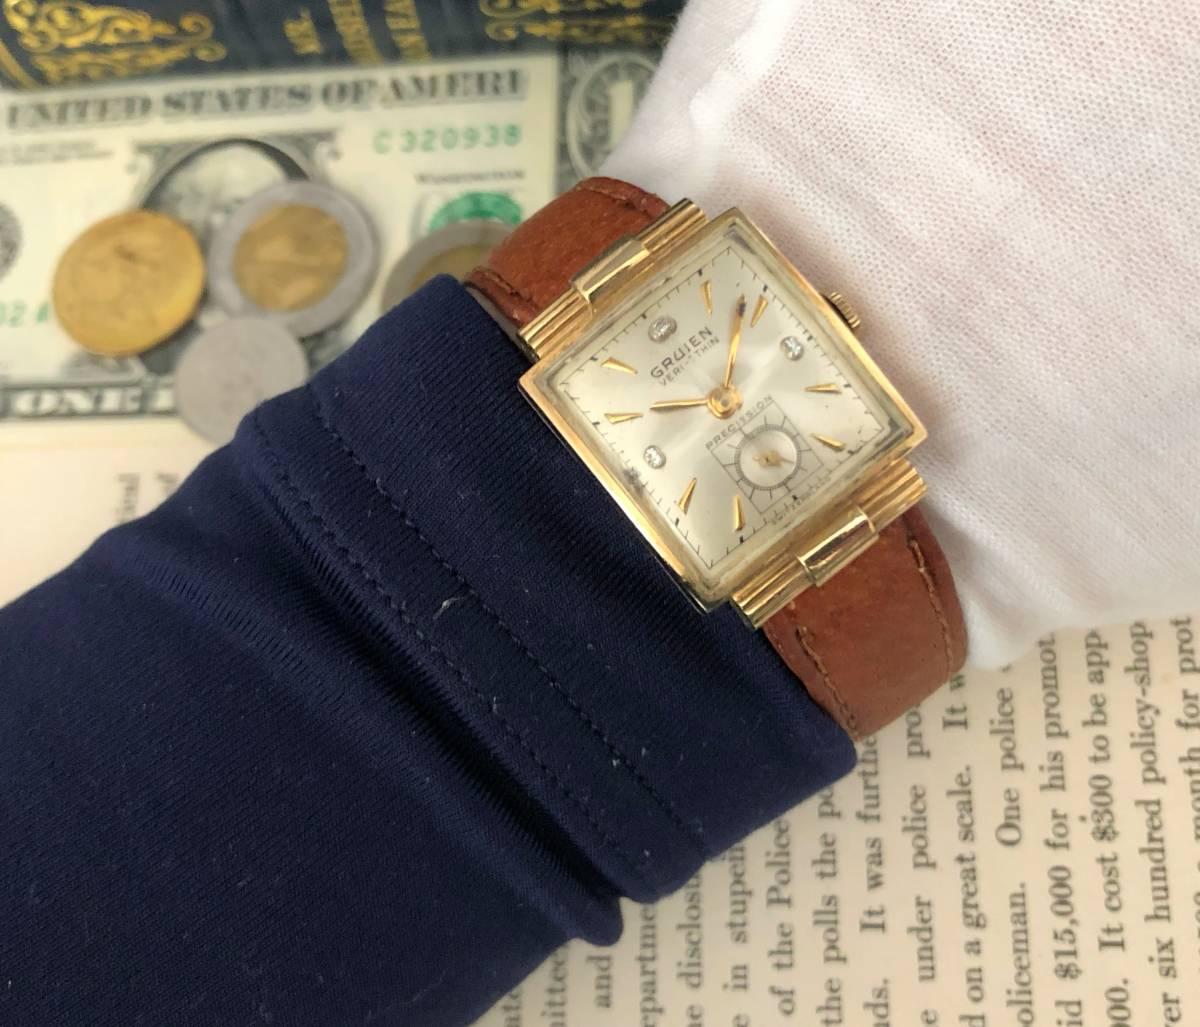 【貴重】◎/グリュエン/GRUEN/ゴールド/1950's/アンティーク/Veri-Thin/10K/スクエア/手巻/金張/ベリシン/メンズ腕時計/アメリカ/送料無料_画像6